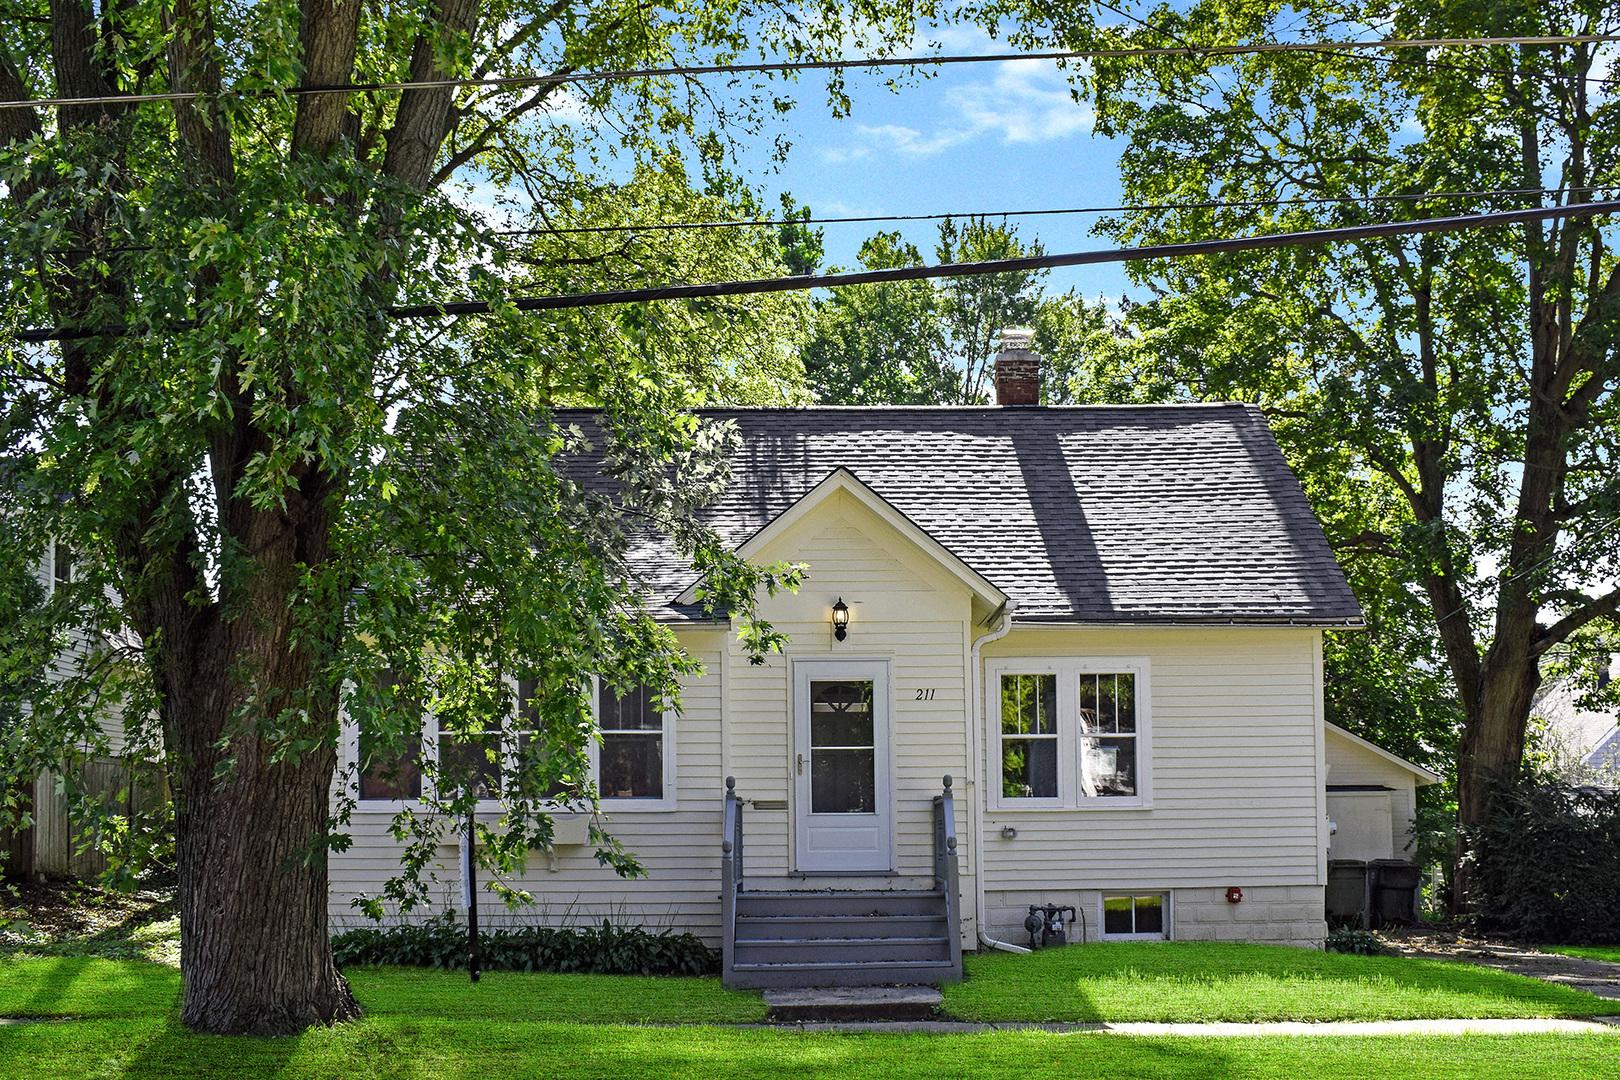 211 Russell ,Barrington, Illinois 60010